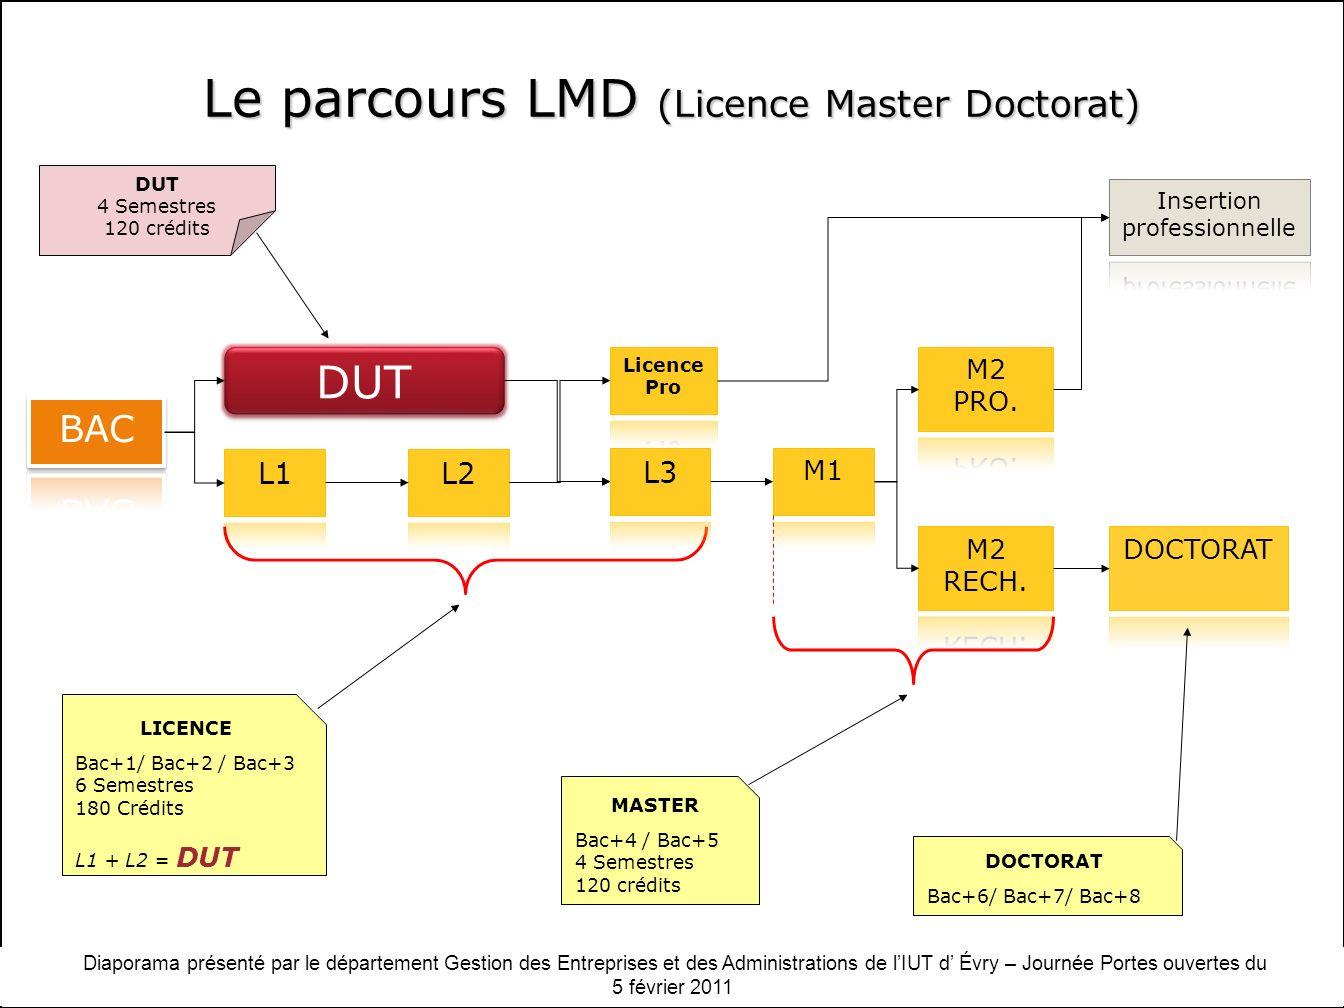 Diaporama présenté par le département Gestion des Entreprises et des Administrations de lIUT dEvry - Journée Portes ouvertes du 13 février 2010 LICENCE Bac+1/ Bac+2 / Bac+3 6 Semestres 180 Crédits L1 + L2 = DUT DUT 4 Semestres 120 crédits MASTER Bac+4 / Bac+5 4 Semestres 120 crédits DOCTORAT Bac+6/ Bac+7/ Bac+8 DUT Le parcours LMD (Licence Master Doctorat) Diaporama présenté par le département Gestion des Entreprises et des Administrations de lIUT d Évry – Journée Portes ouvertes du 5 février 2011